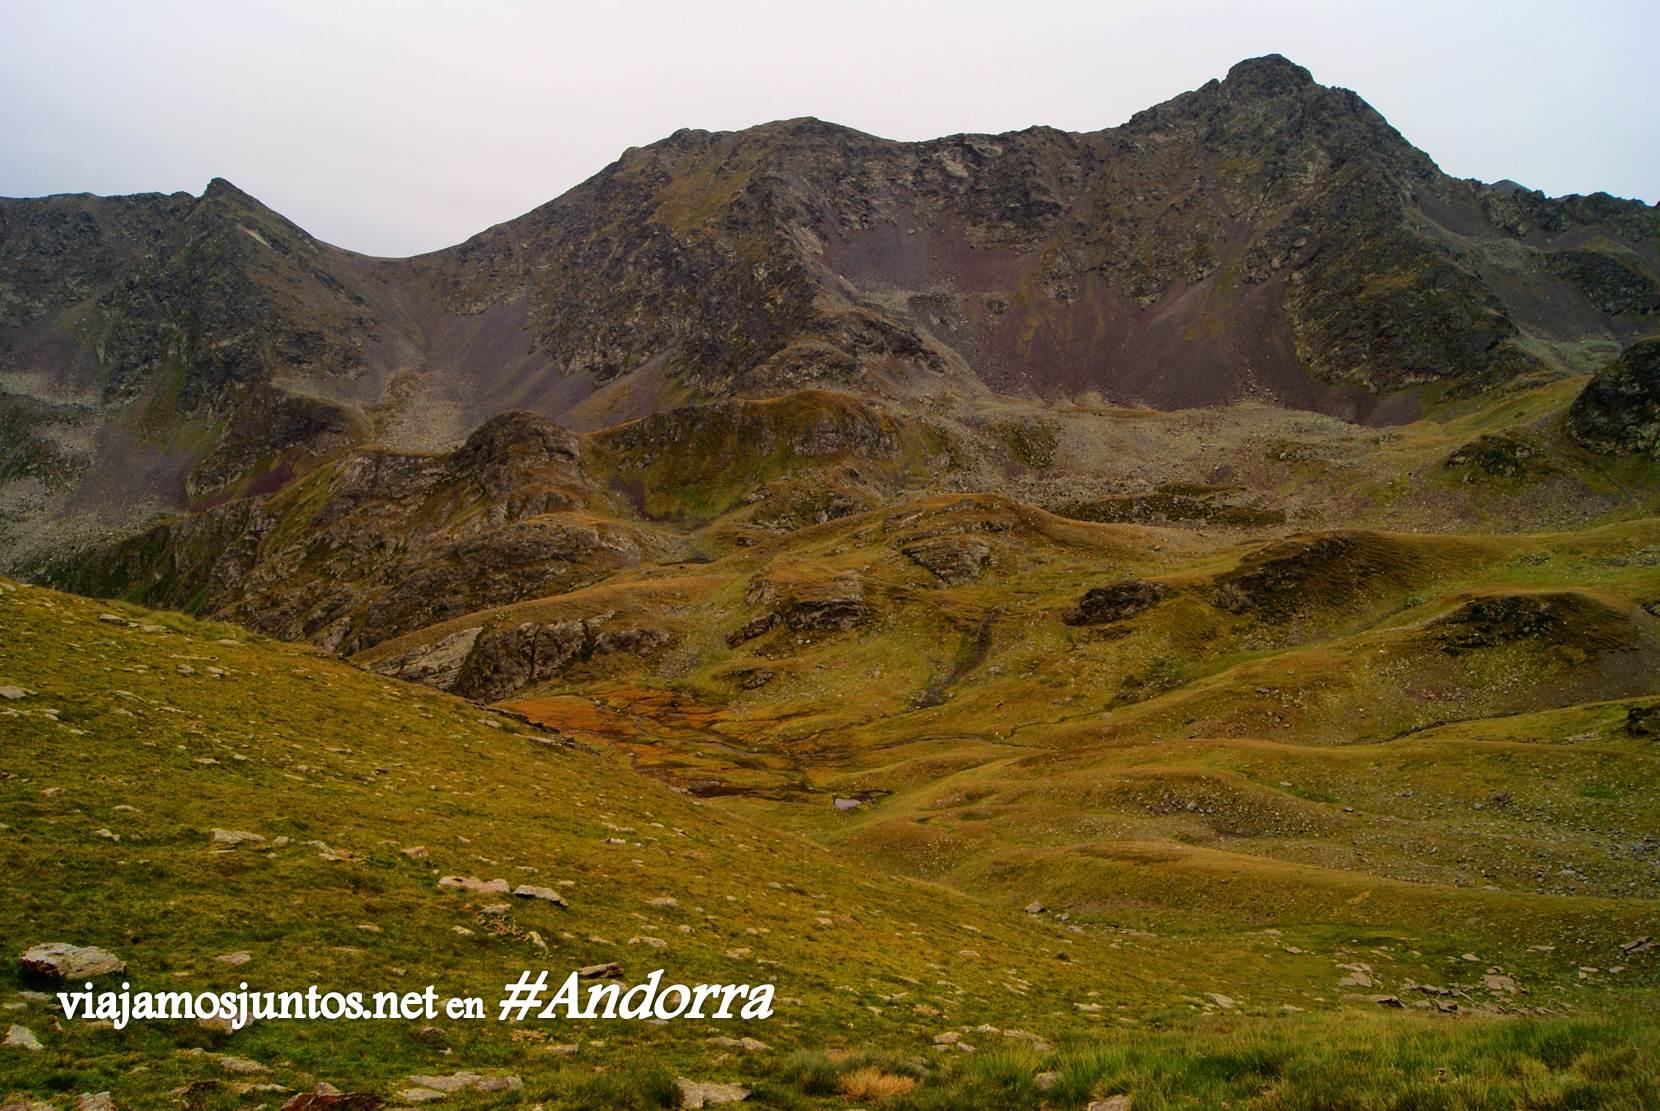 GRP de Andorra, trekking por los Pirineos Orientales; vistas volcánicas